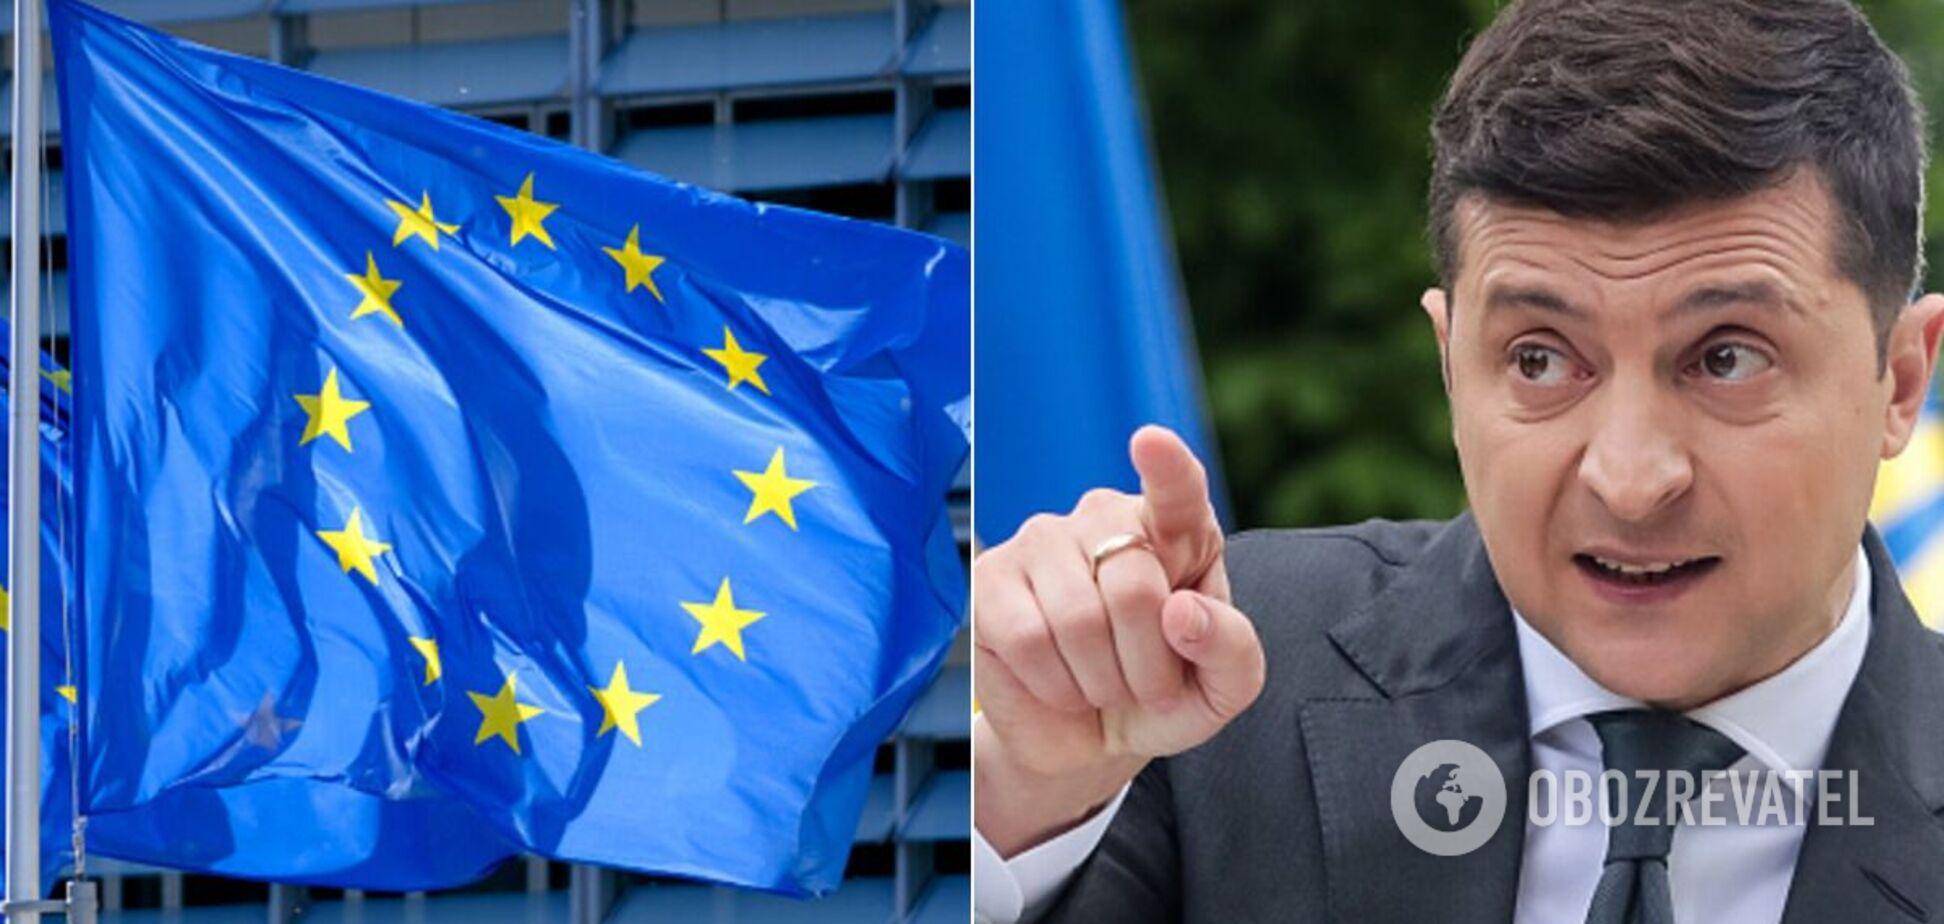 Когда Украина сможет вступить в Евросоюз? Власти назвали новые условия и обозримые сроки